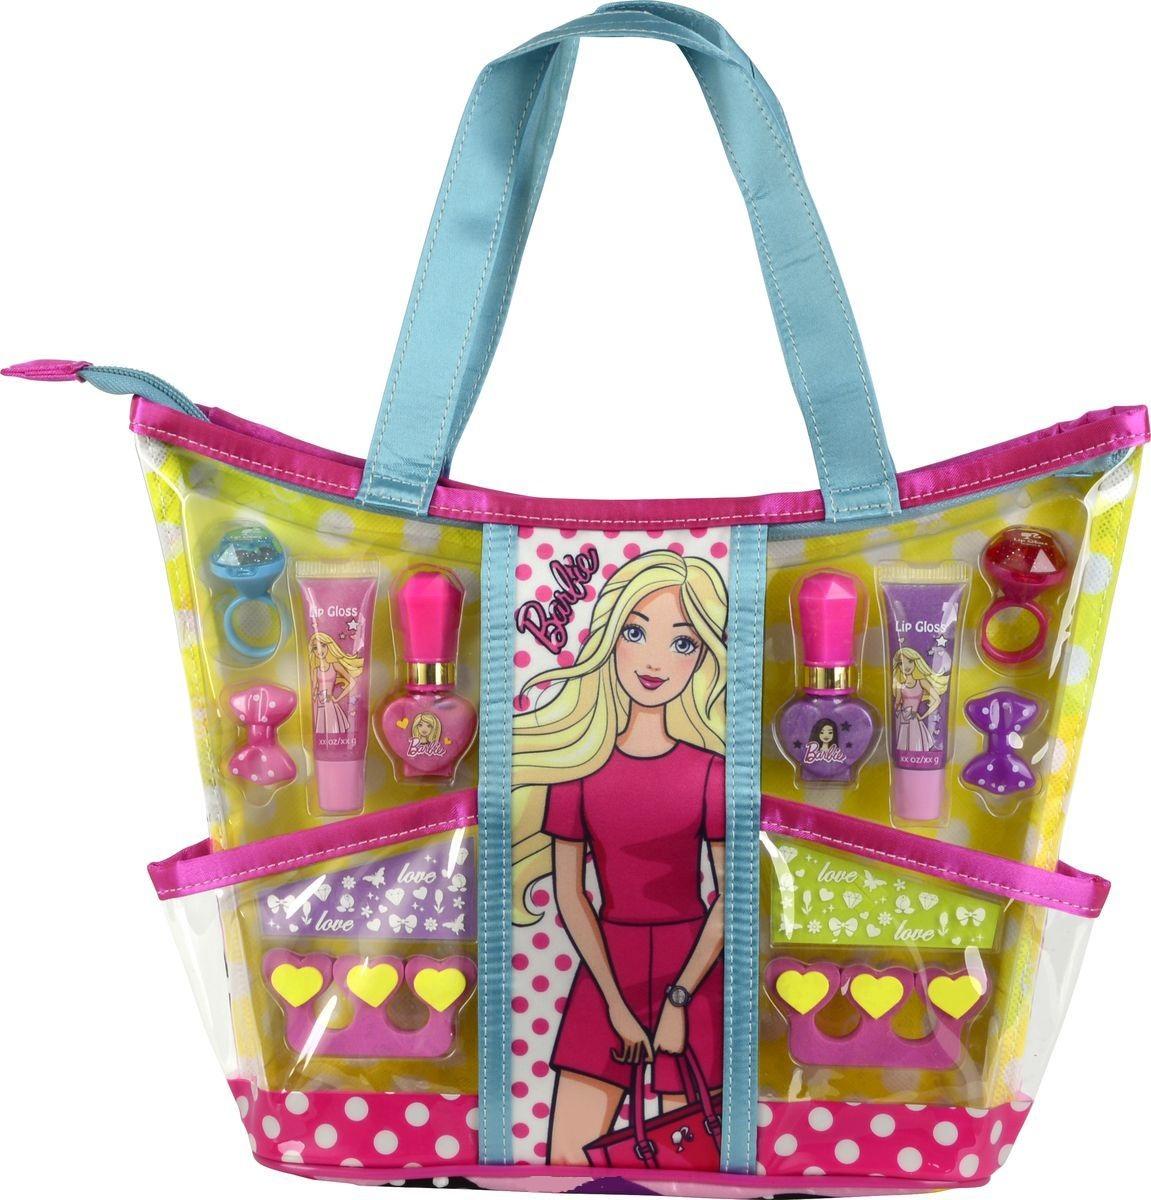 Игровой набор детской декоративной косметики - Barbie, с сумкойЮная модница, салон красоты<br>Игровой набор детской декоративной косметики - Barbie, с сумкой<br>